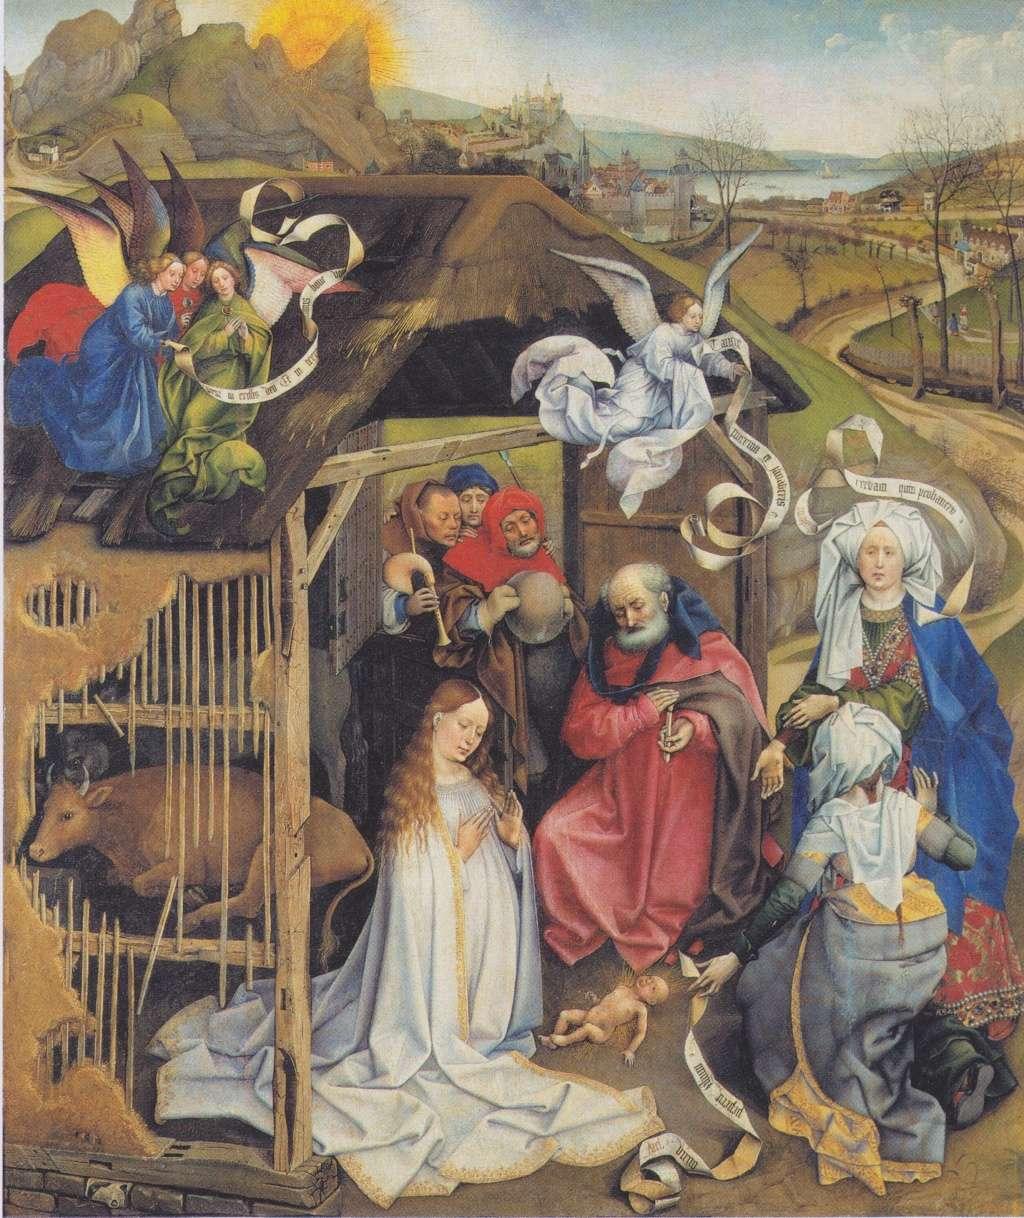 Les peintures religieuses de Robert Campin La_nat10